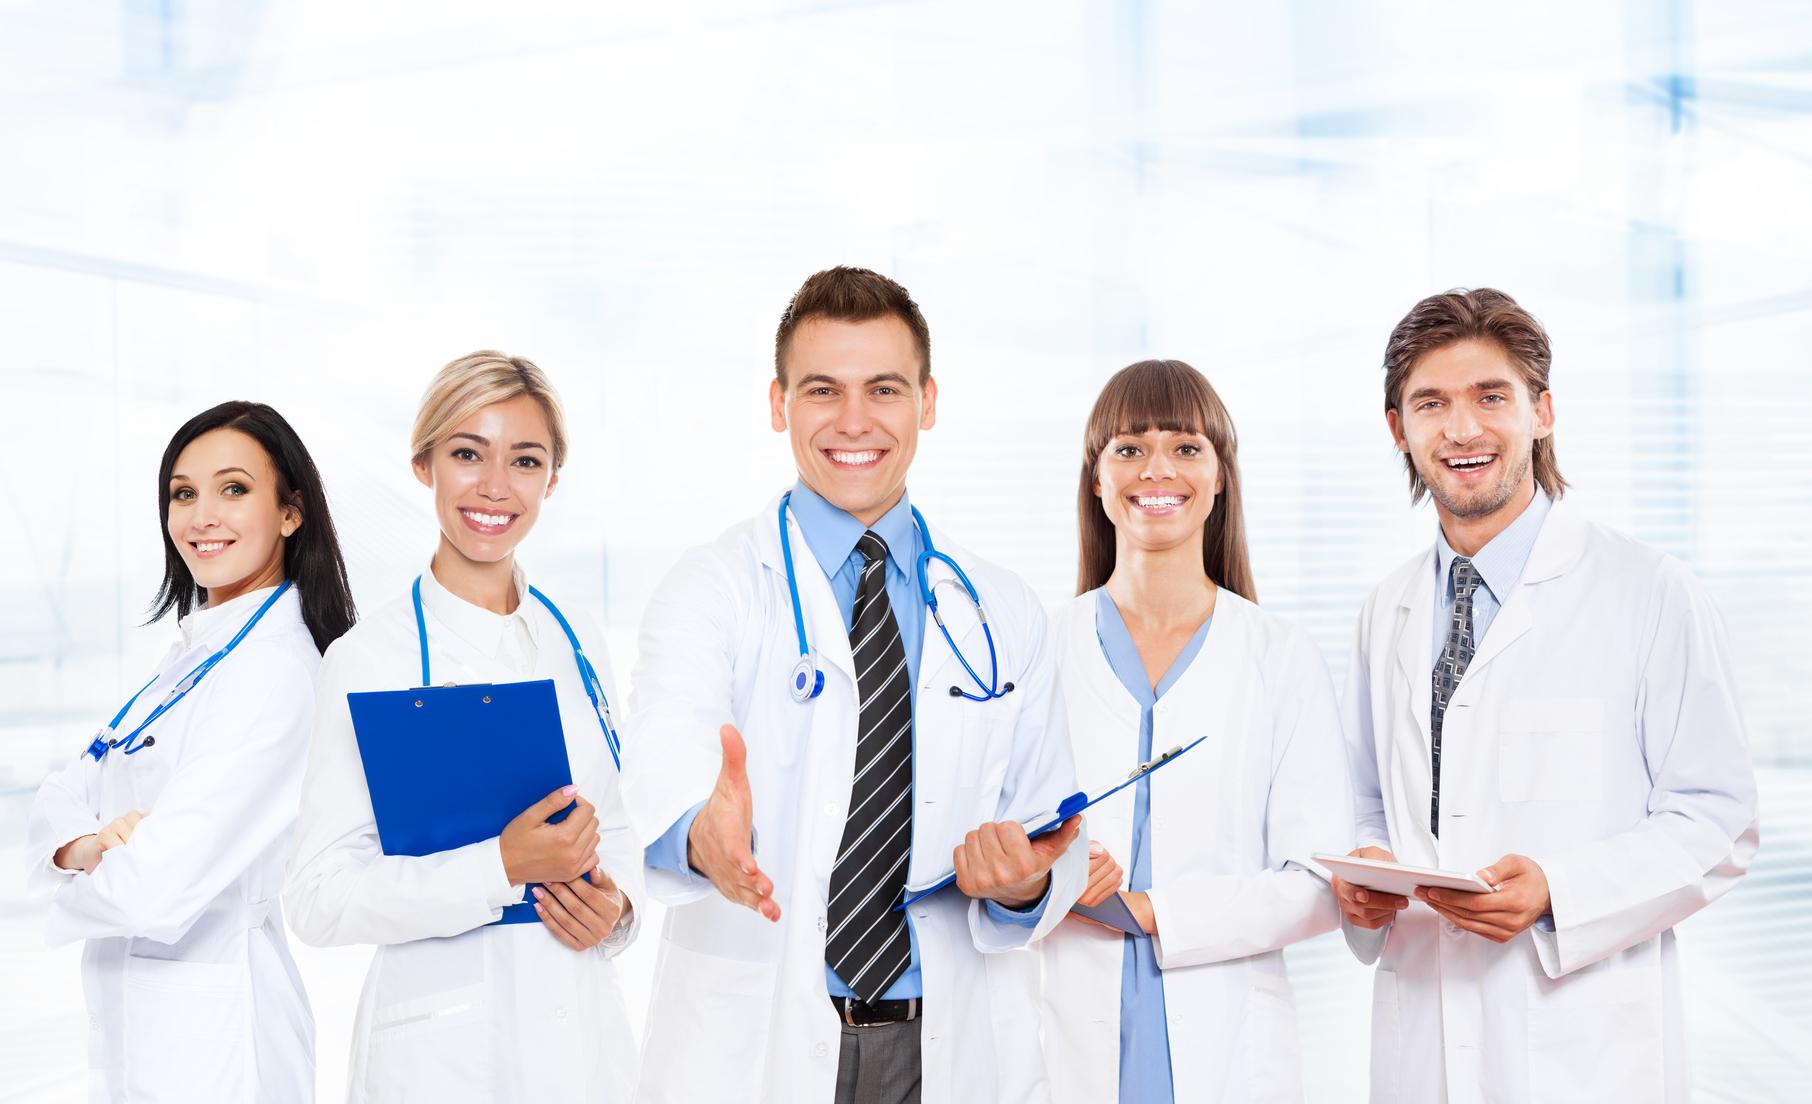 Exodul medicilor s-a redus cu 40% după creșterile salariale. Încă nu e suficient